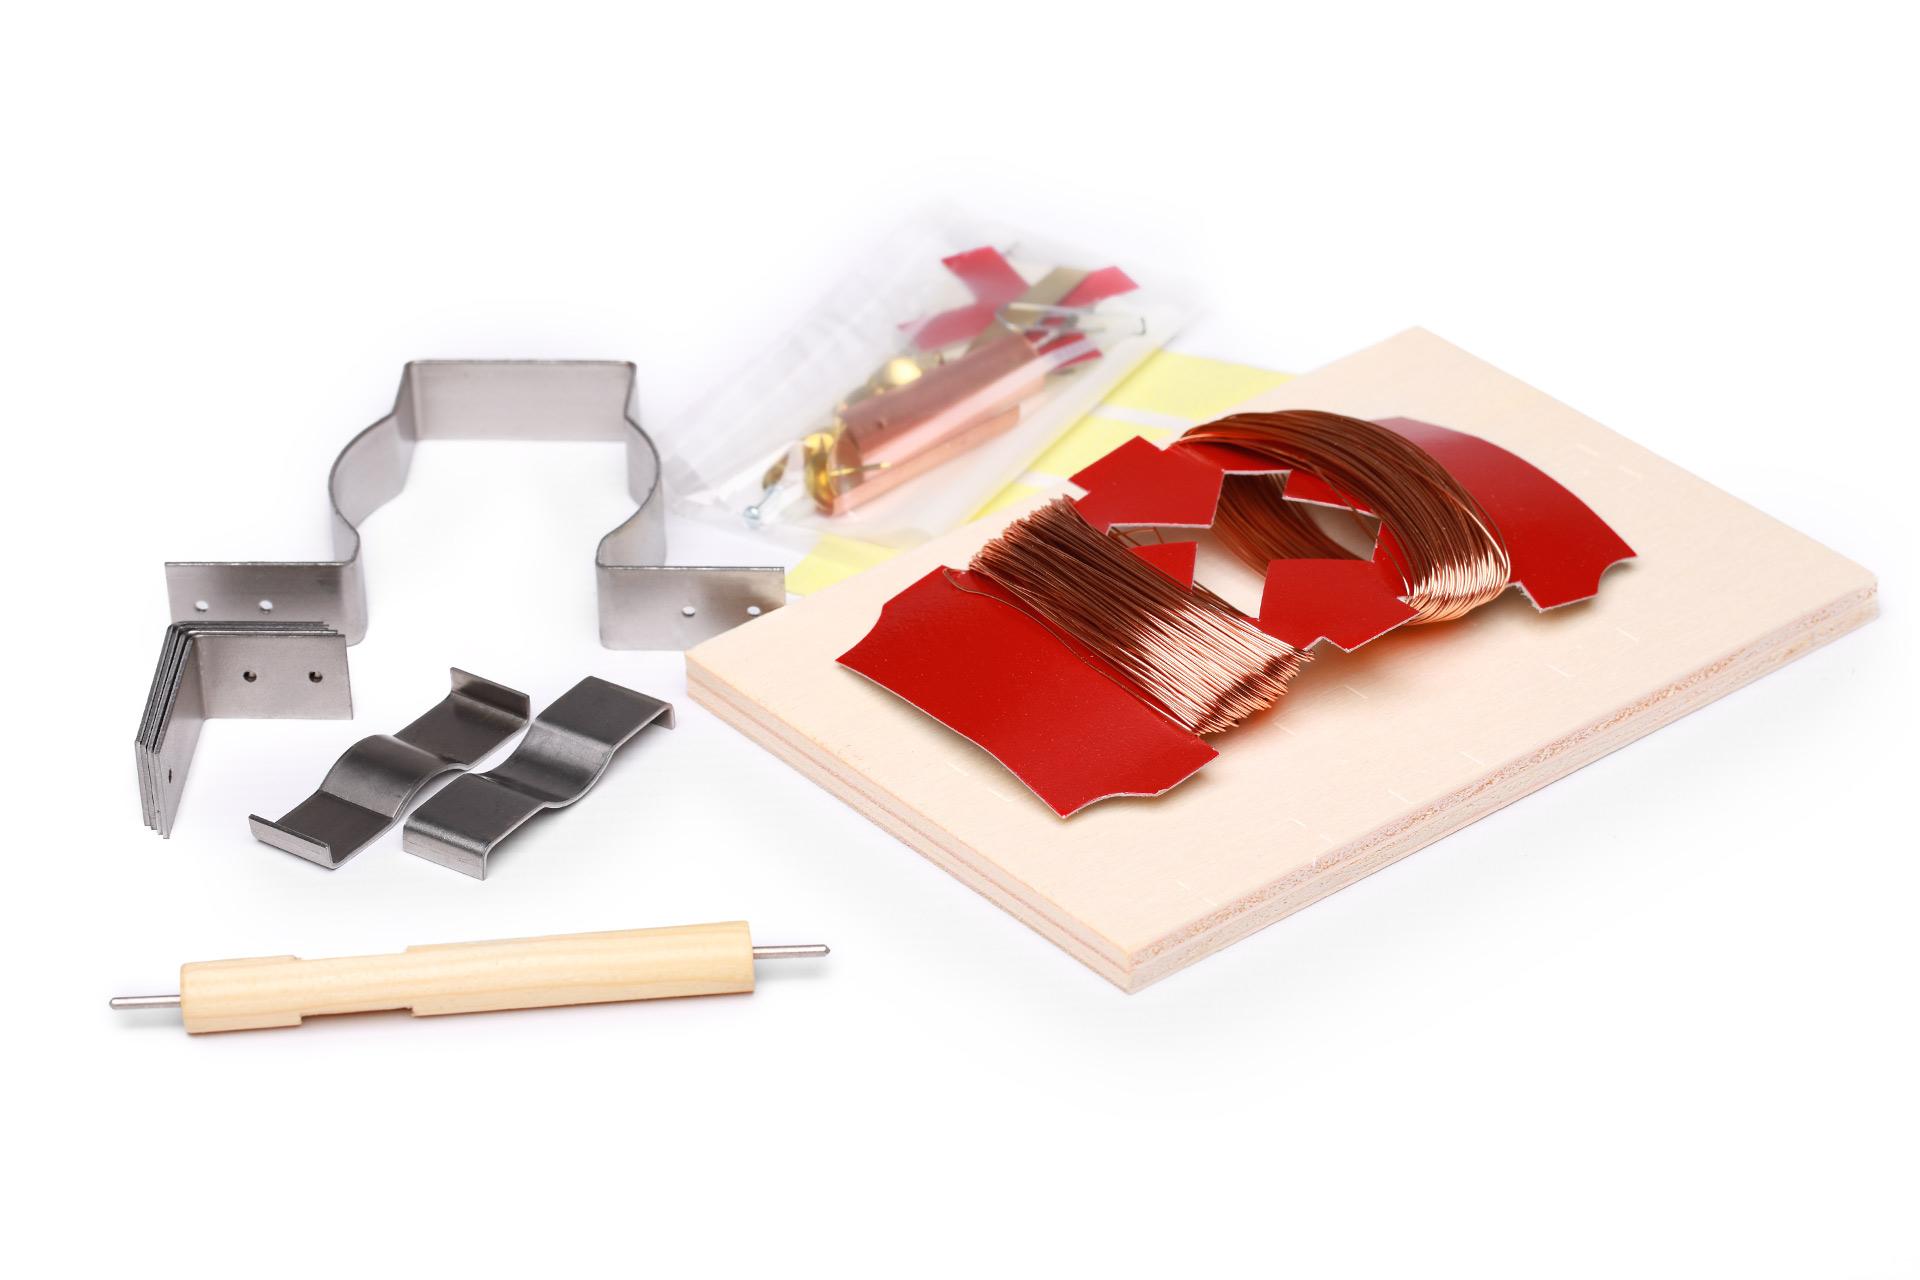 Spielwaren-Bausatz-Elektromotor-Einzelteile-ksg